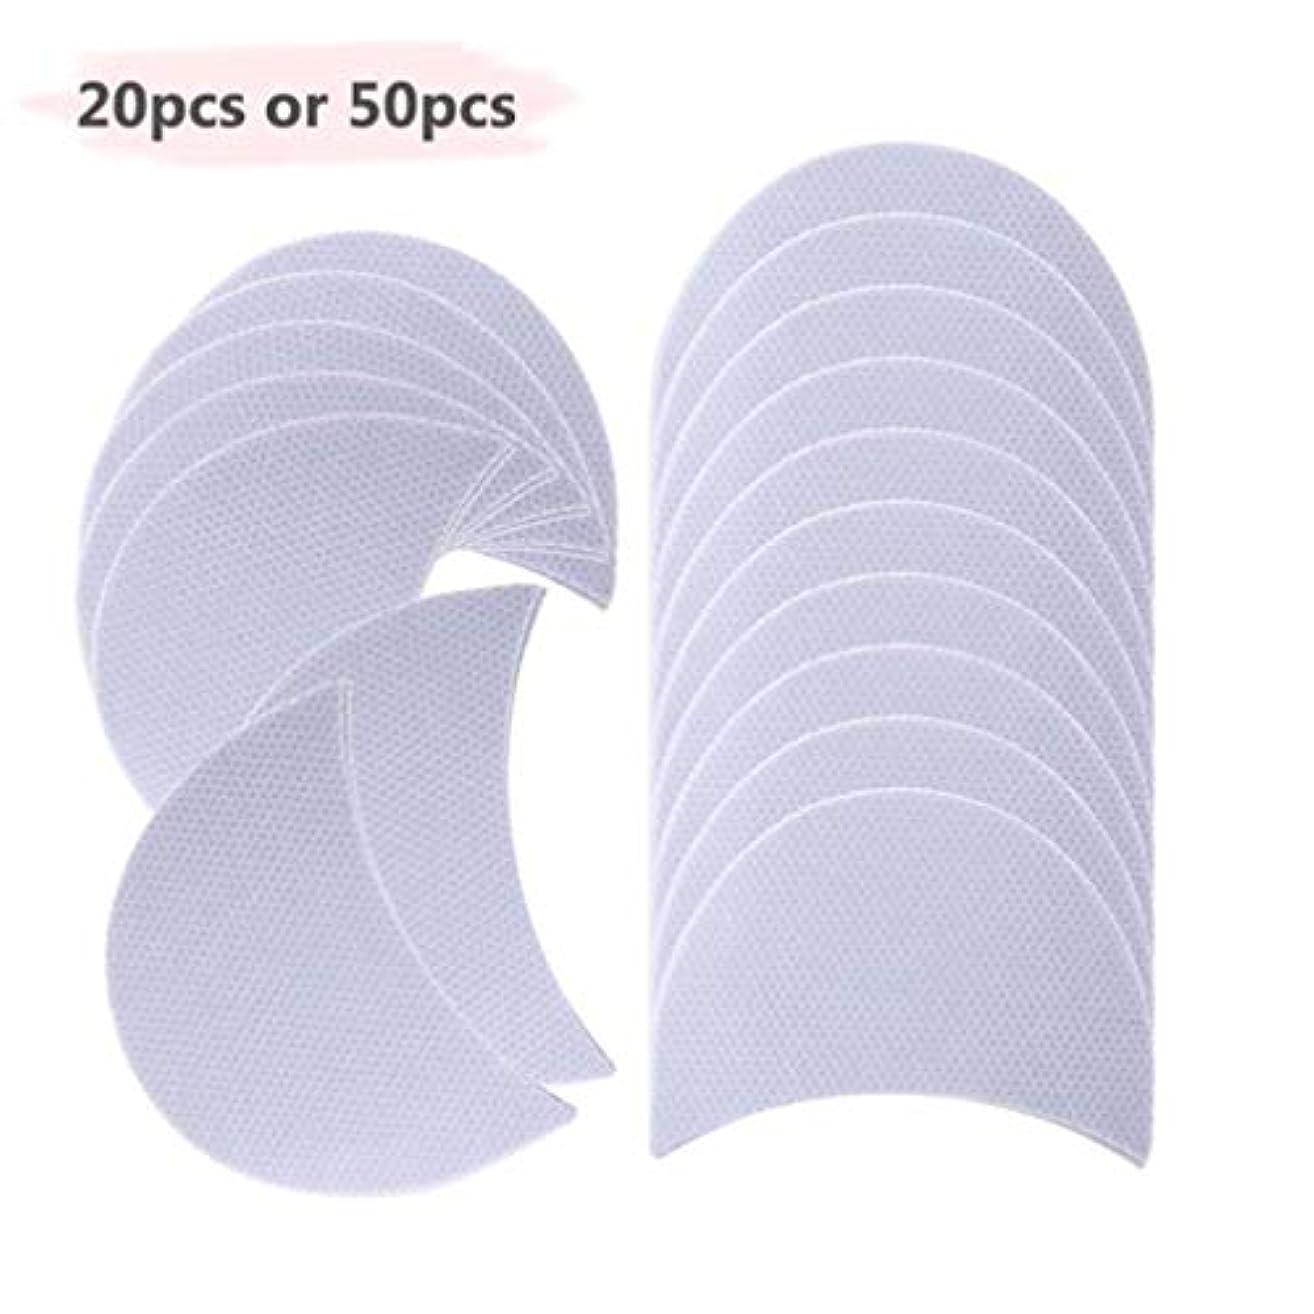 アンペア常習的ハードアイシャドウシールズパッチまつげパッドの下翼のアイライナーステッカーメイクレディ女性化粧品アイシャドウ紙